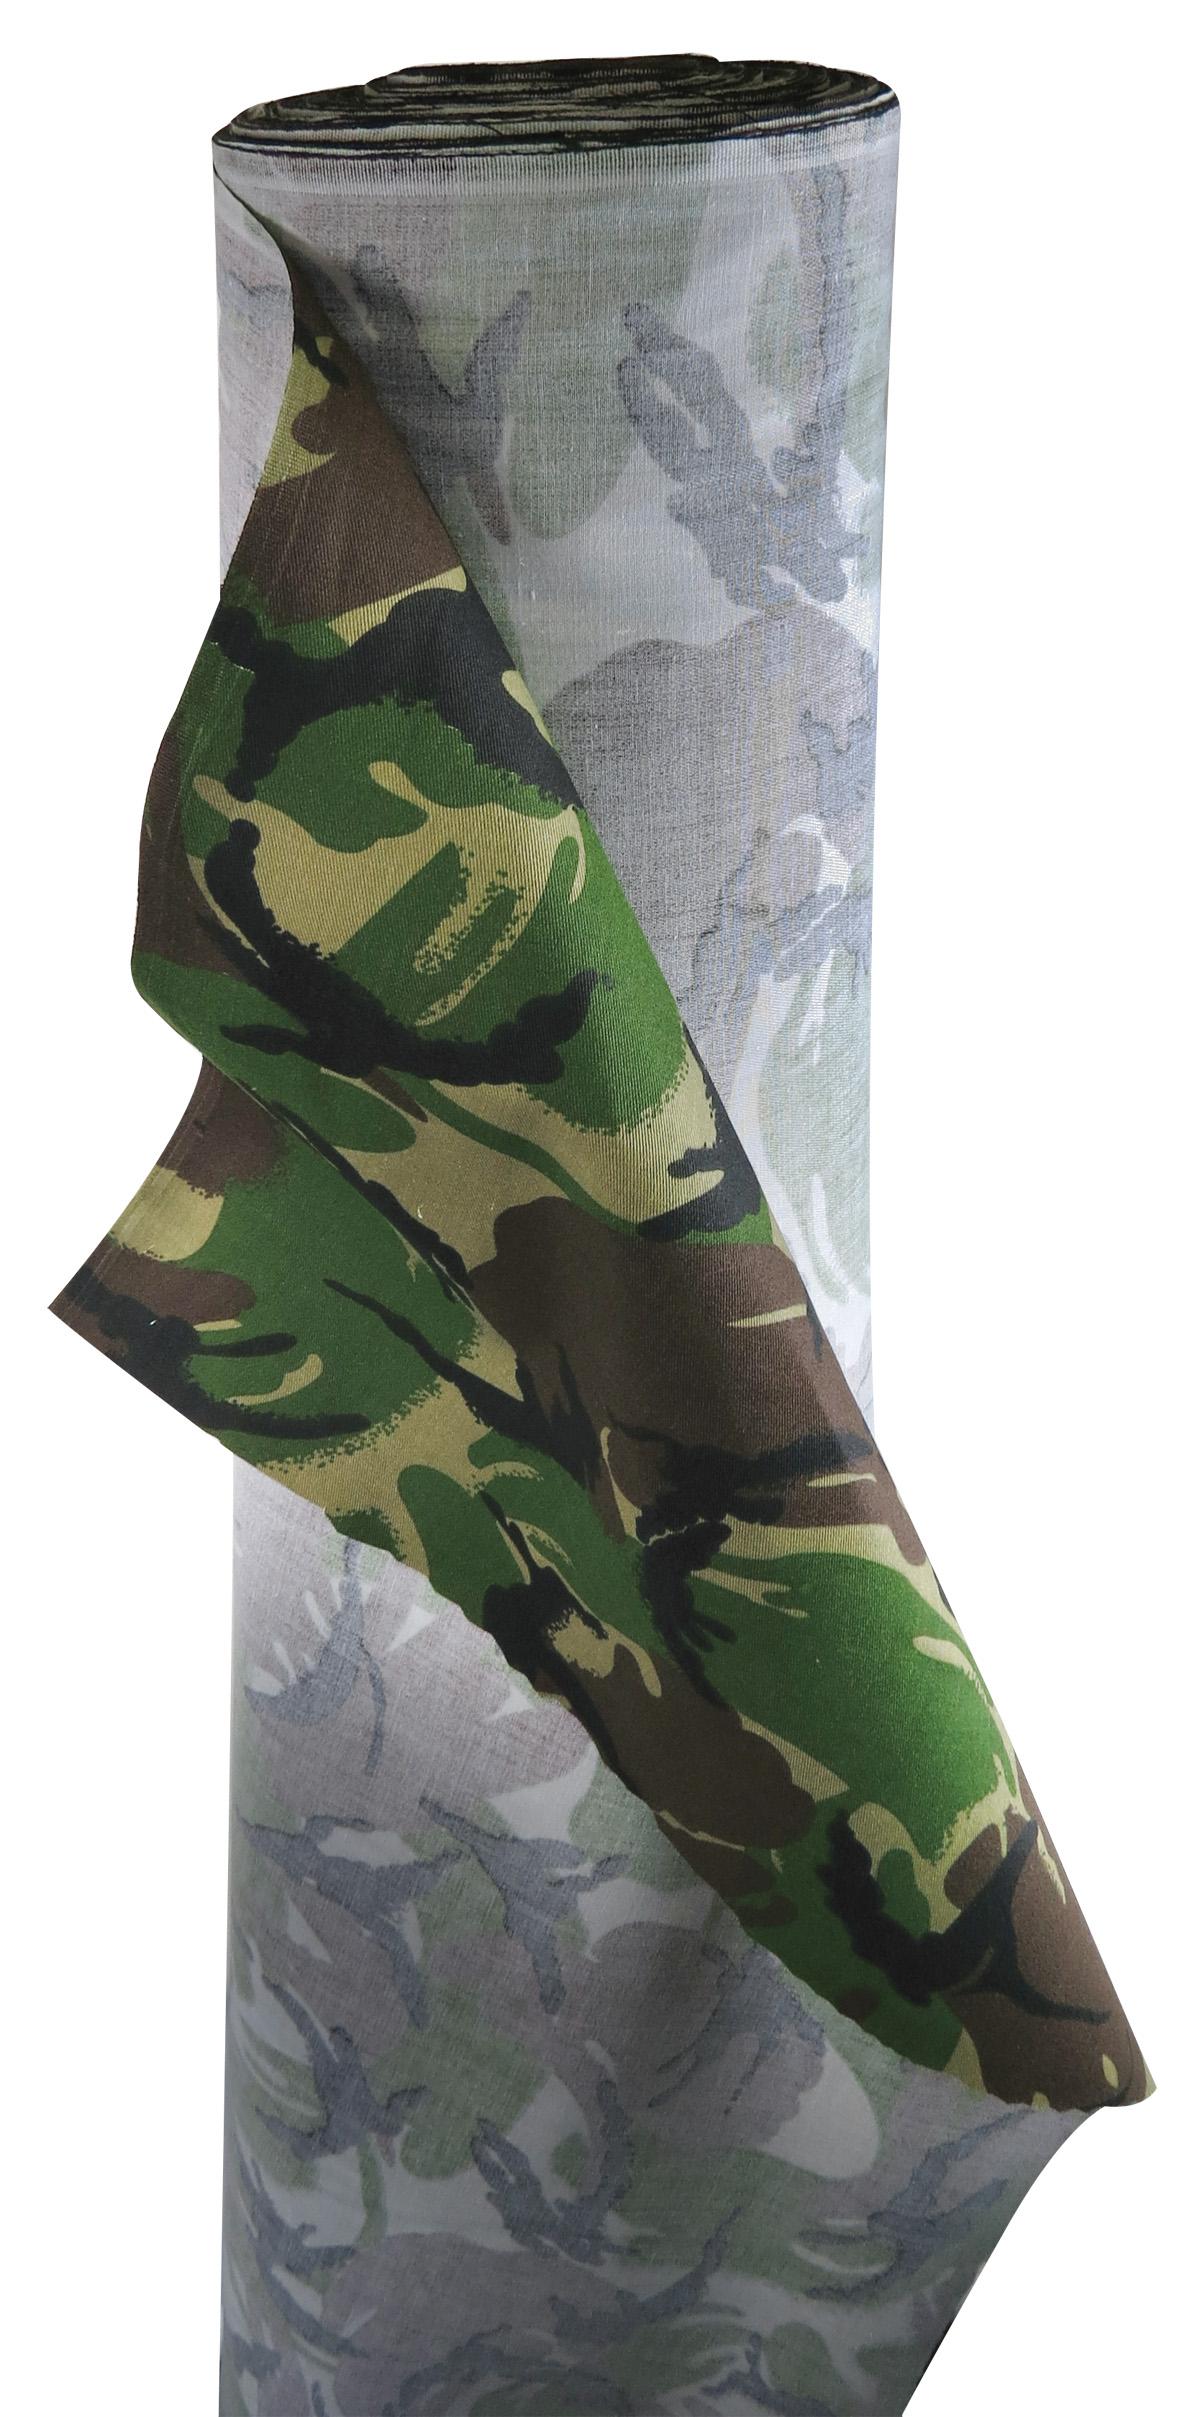 Nuevo uniforme desértico español - Análisis, opiniones 2938.1